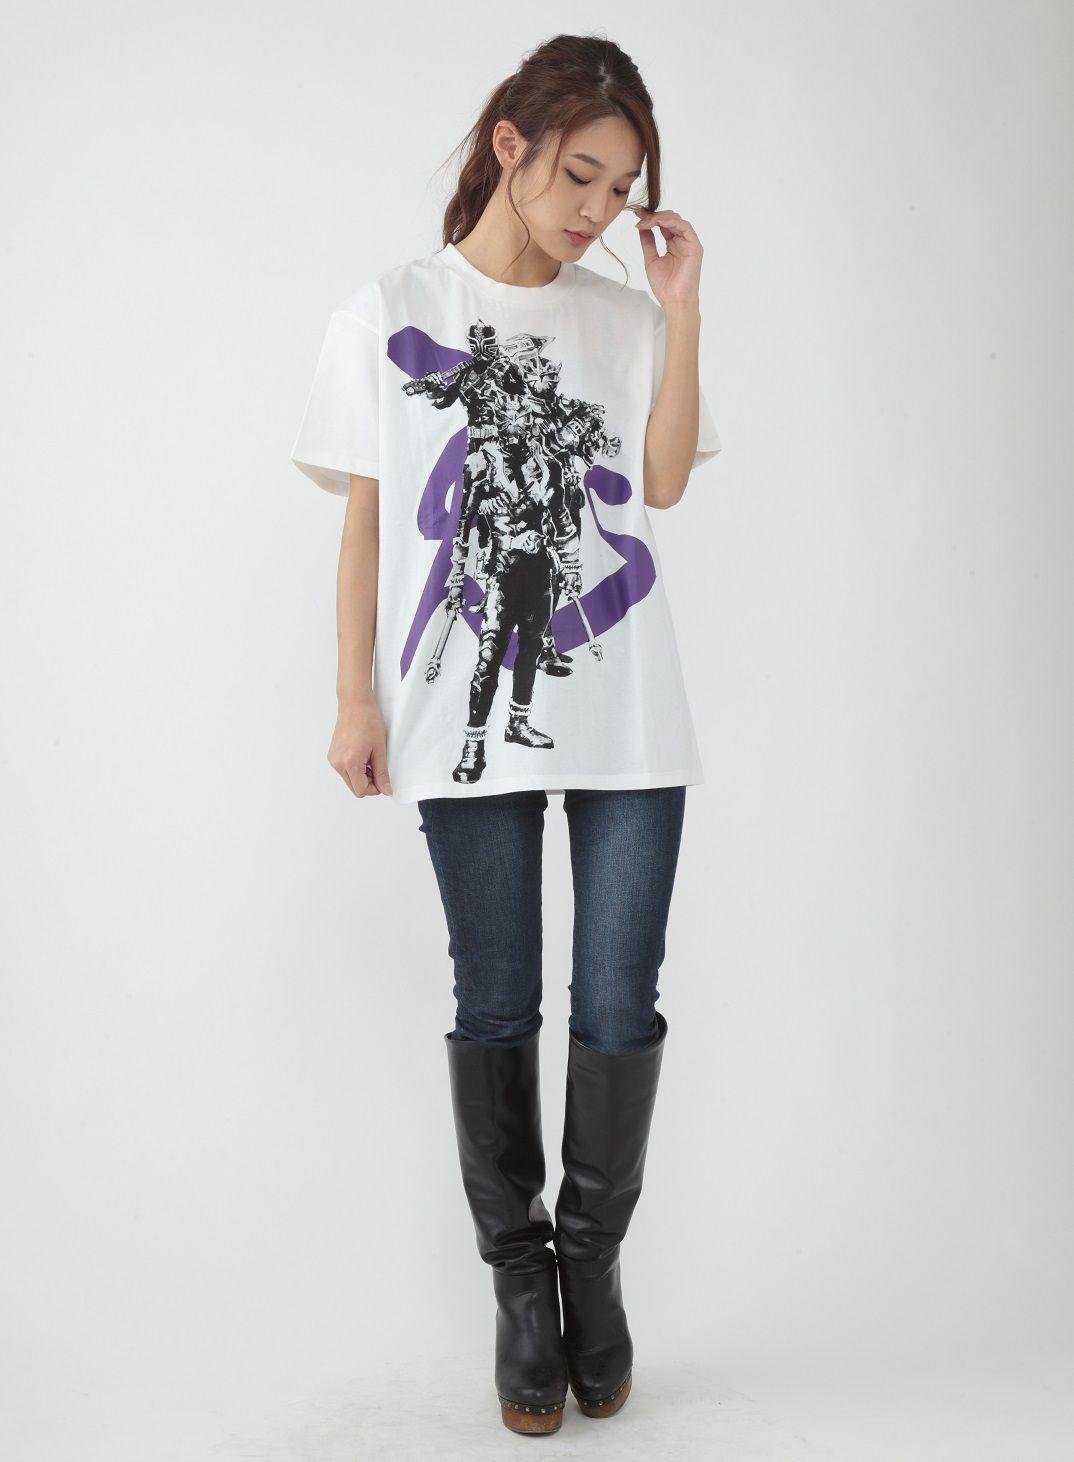 Sugahara Yoshihito Project Kamen Rider Hibiki Tshirt Hibiki Ibuki Todoroki